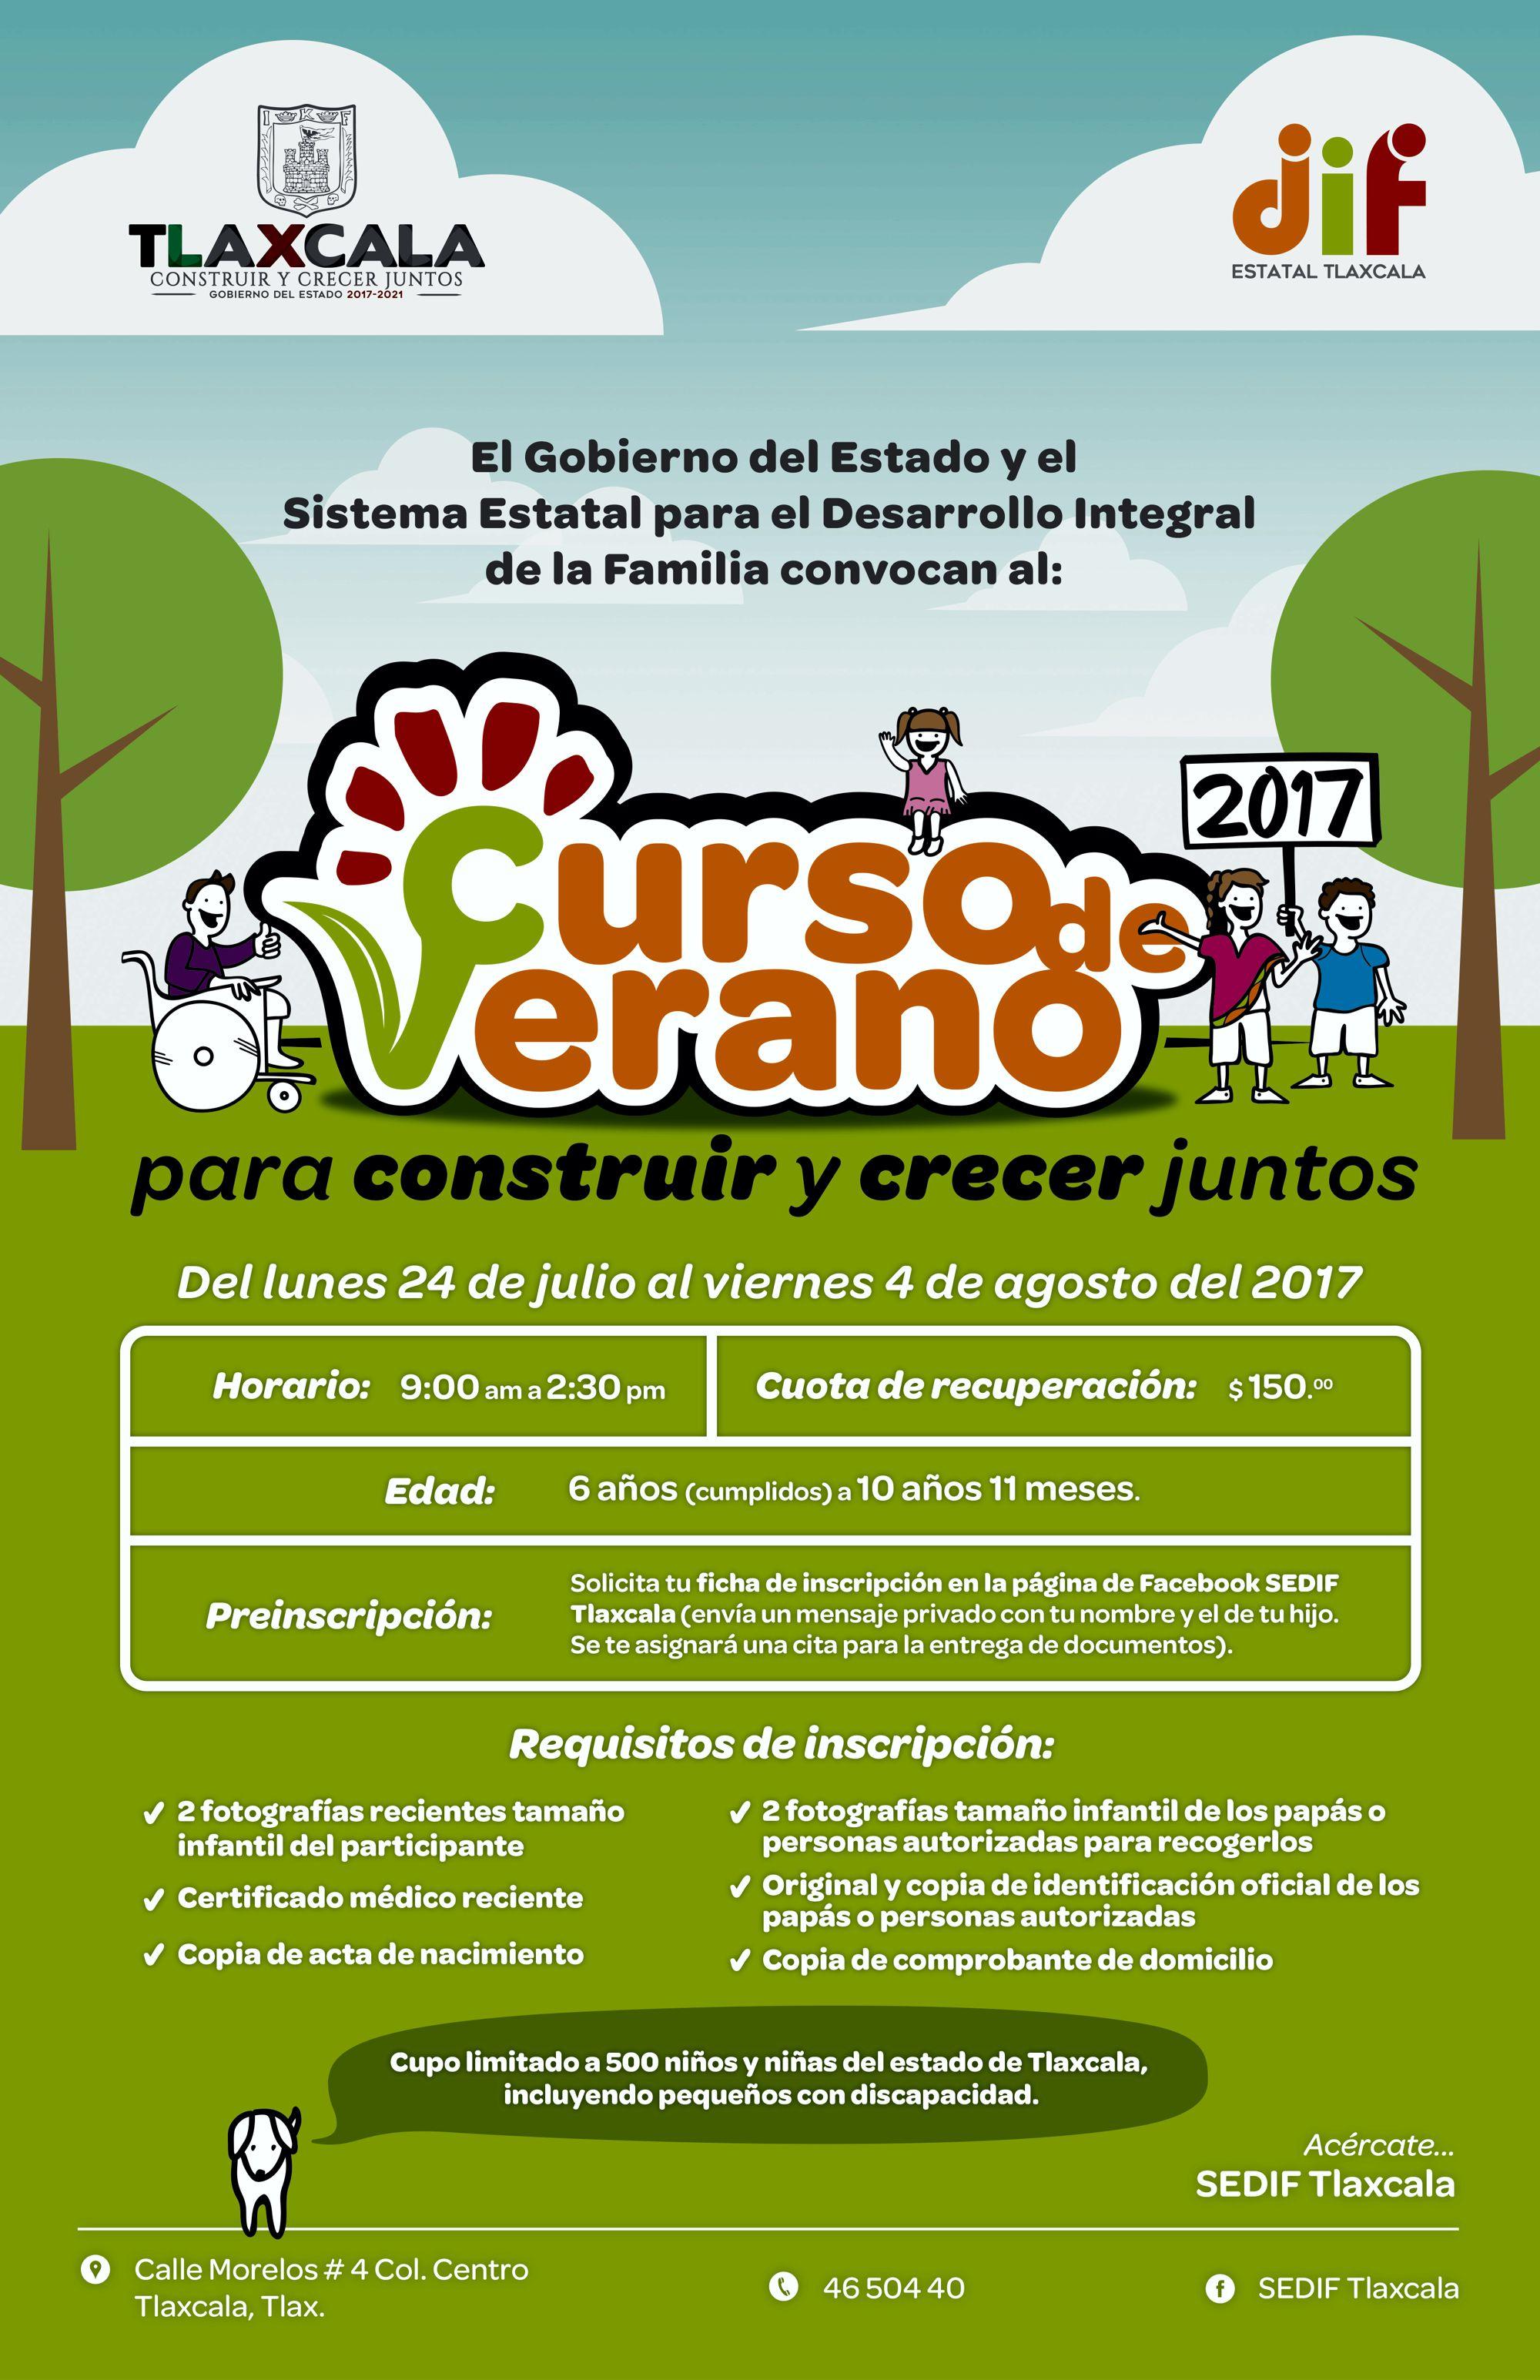 convocatoria_cursos_de_verano.jpg